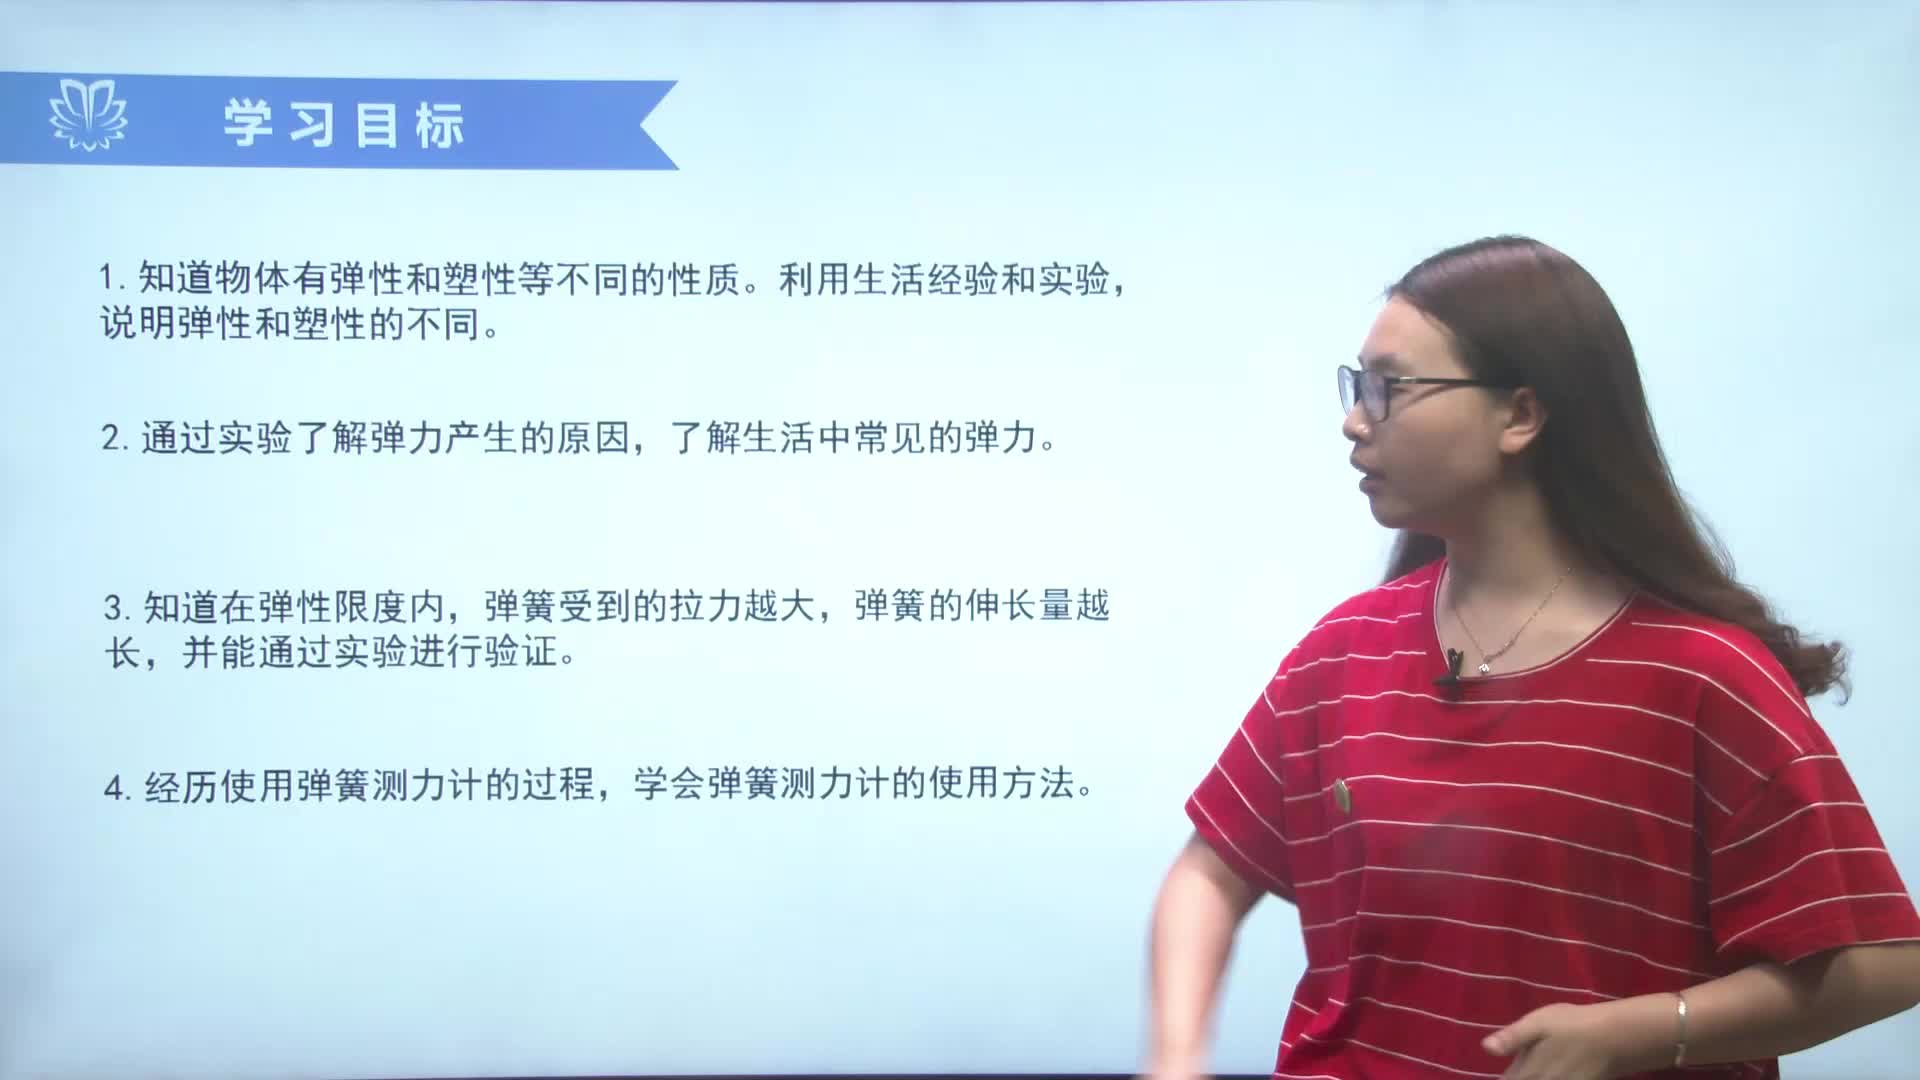 【限时免费】视频7.2弹力-【慕联】初中完全同步系列人教版物理八年级下册